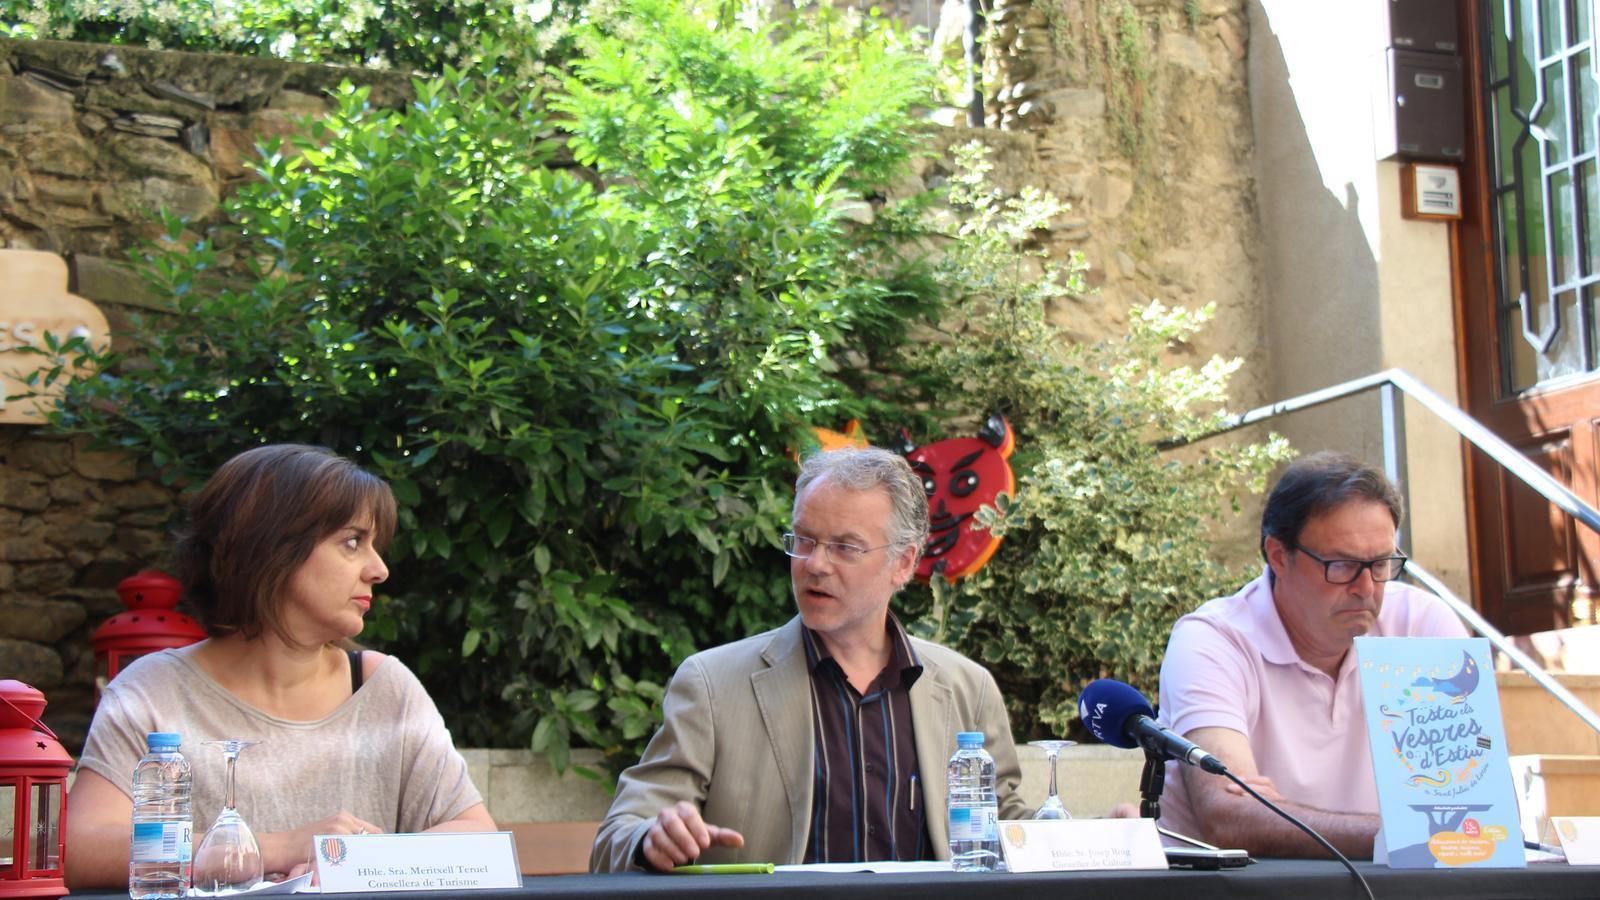 Meritxell Teruel, consellera de Turisme, Josep Roig, conseller de Cultura i Pere Pràxedes, conseller d'Esports del Comú de Sant Julià